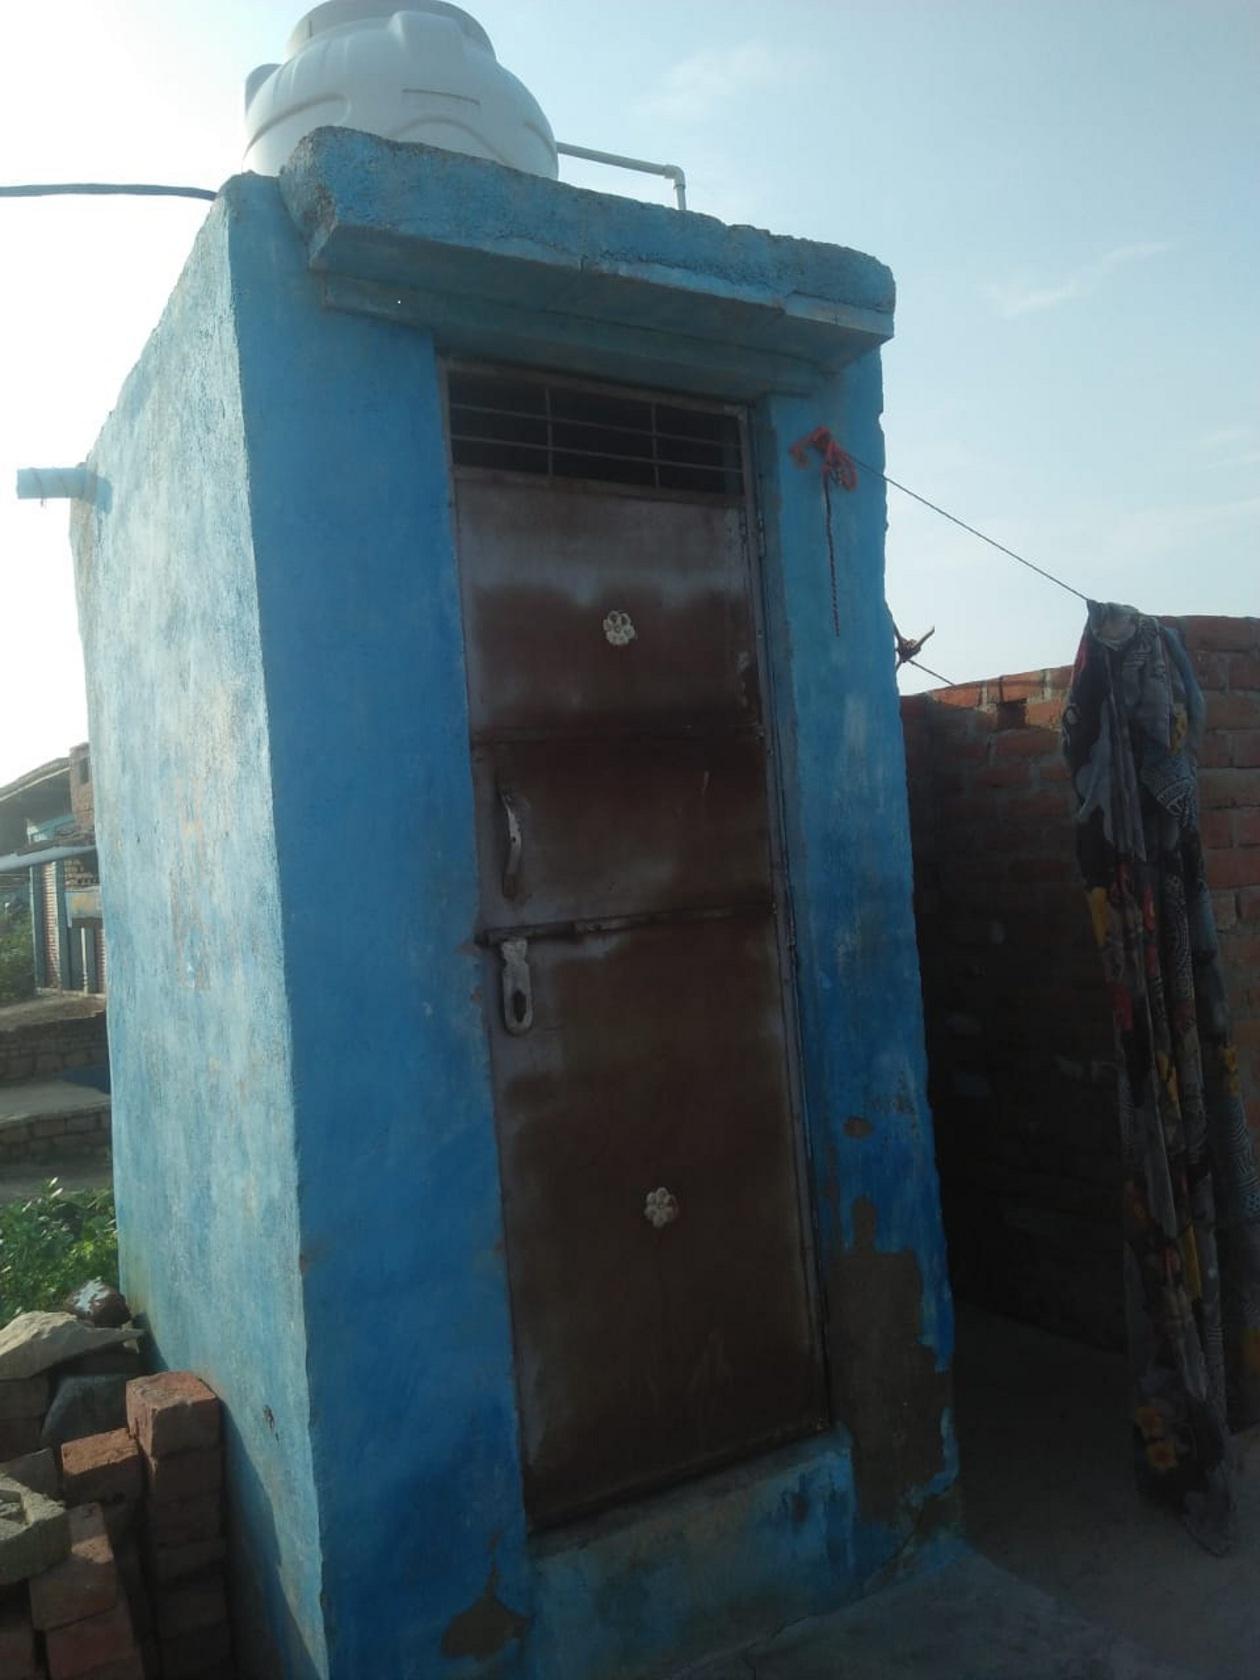 यहां टॉयलेट बनवाने के बाद भी नहीं मिला पैसा